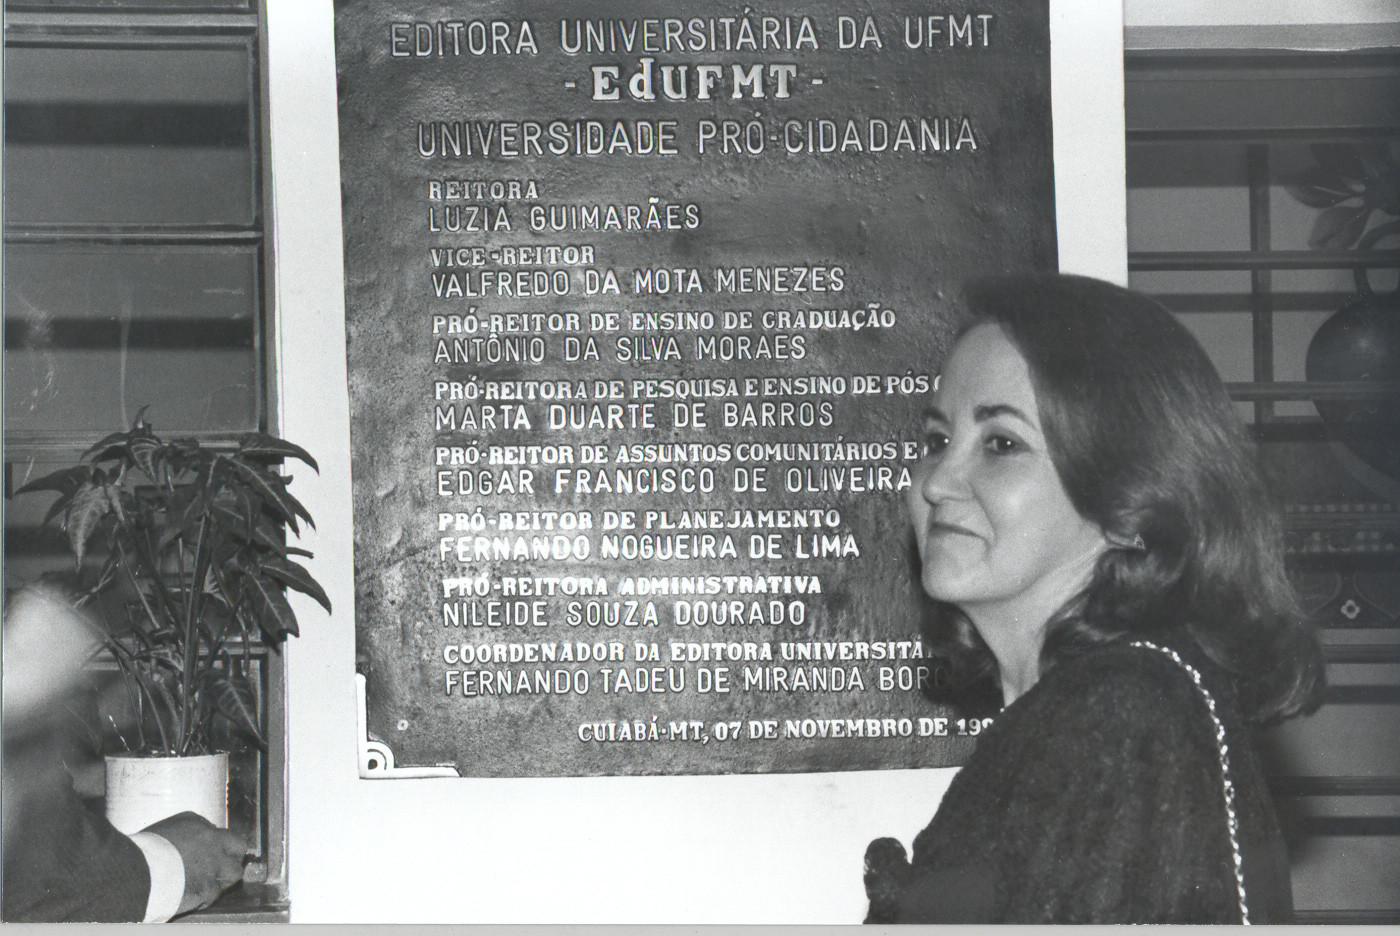 Memórias_da_UFMT_54.jpg